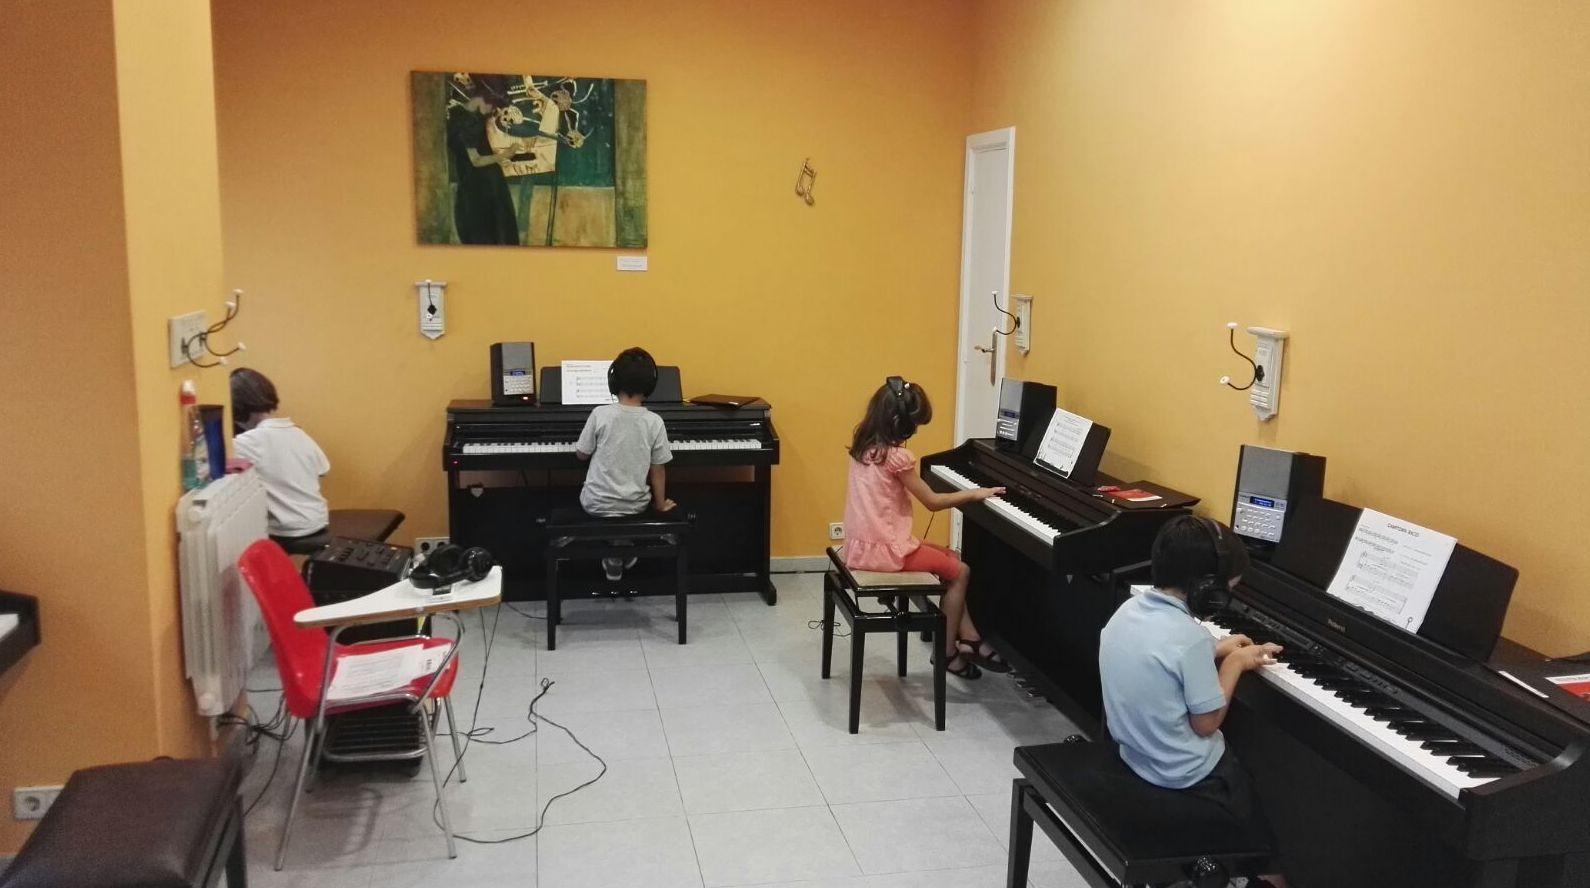 Foto 8 de Escuelas de música, danza e interpretación en Mungia | Academia de Guitarra y Piano Roland